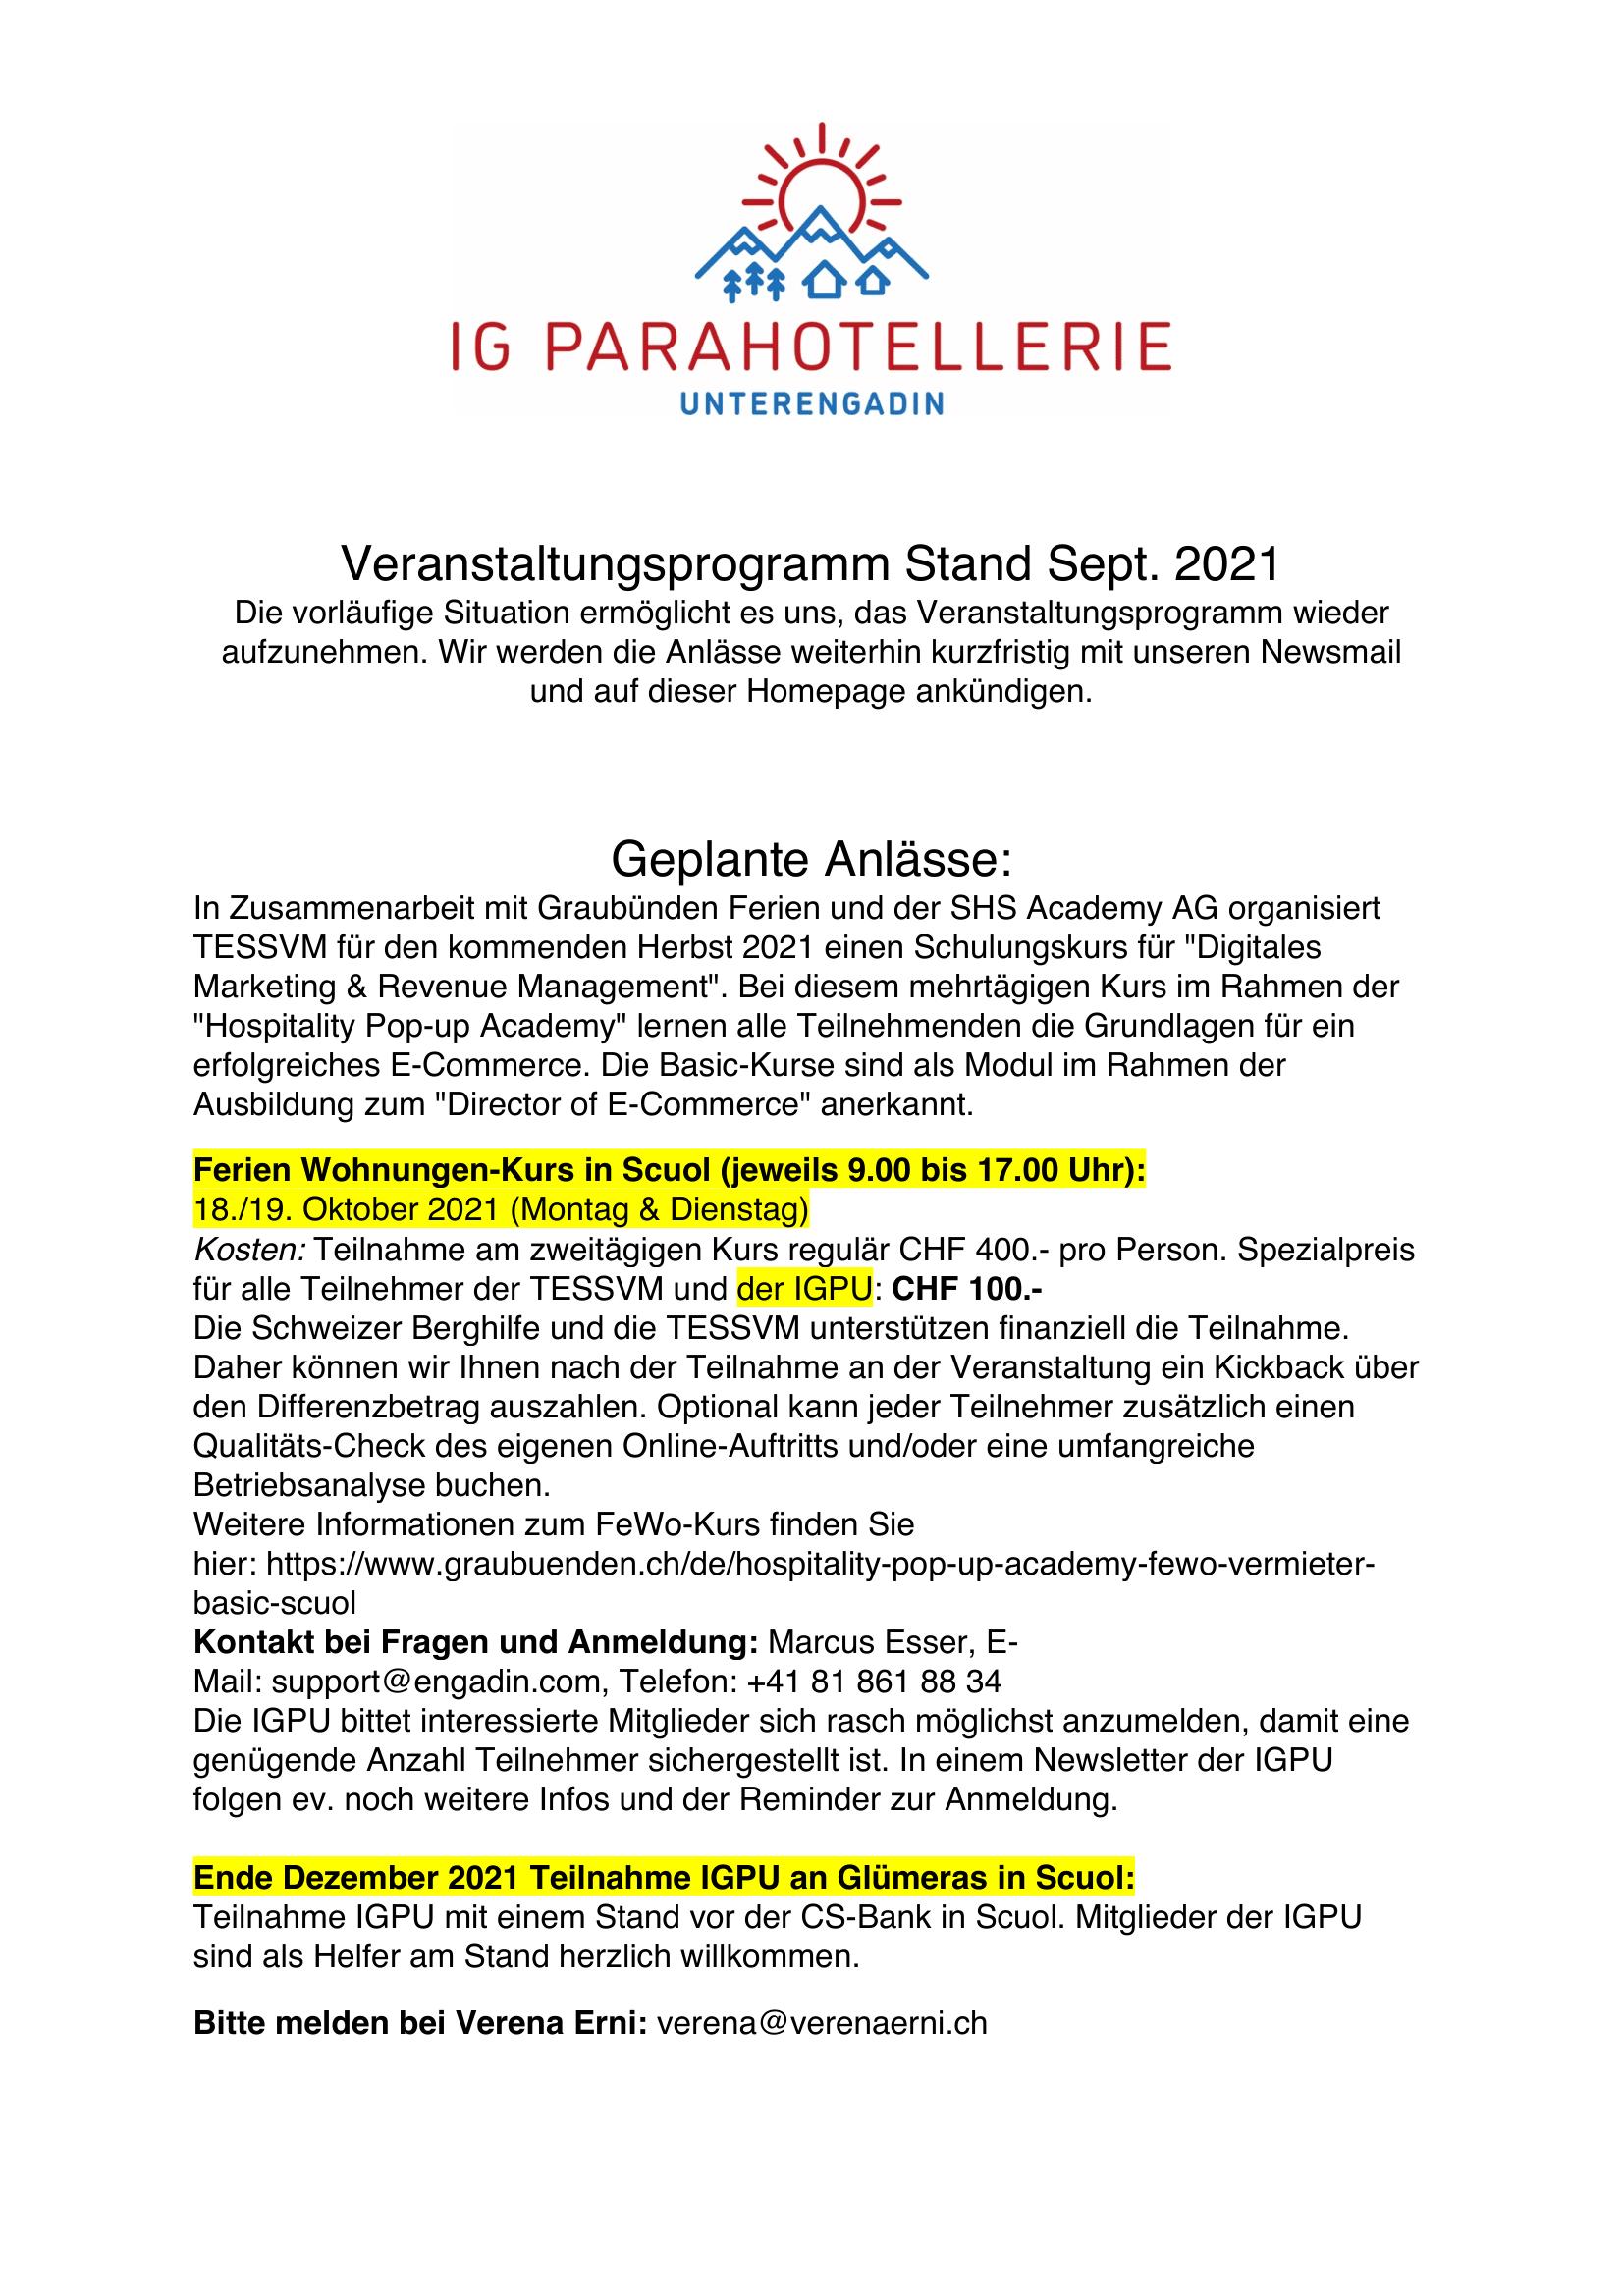 Veranstaltungsprogramm_2021